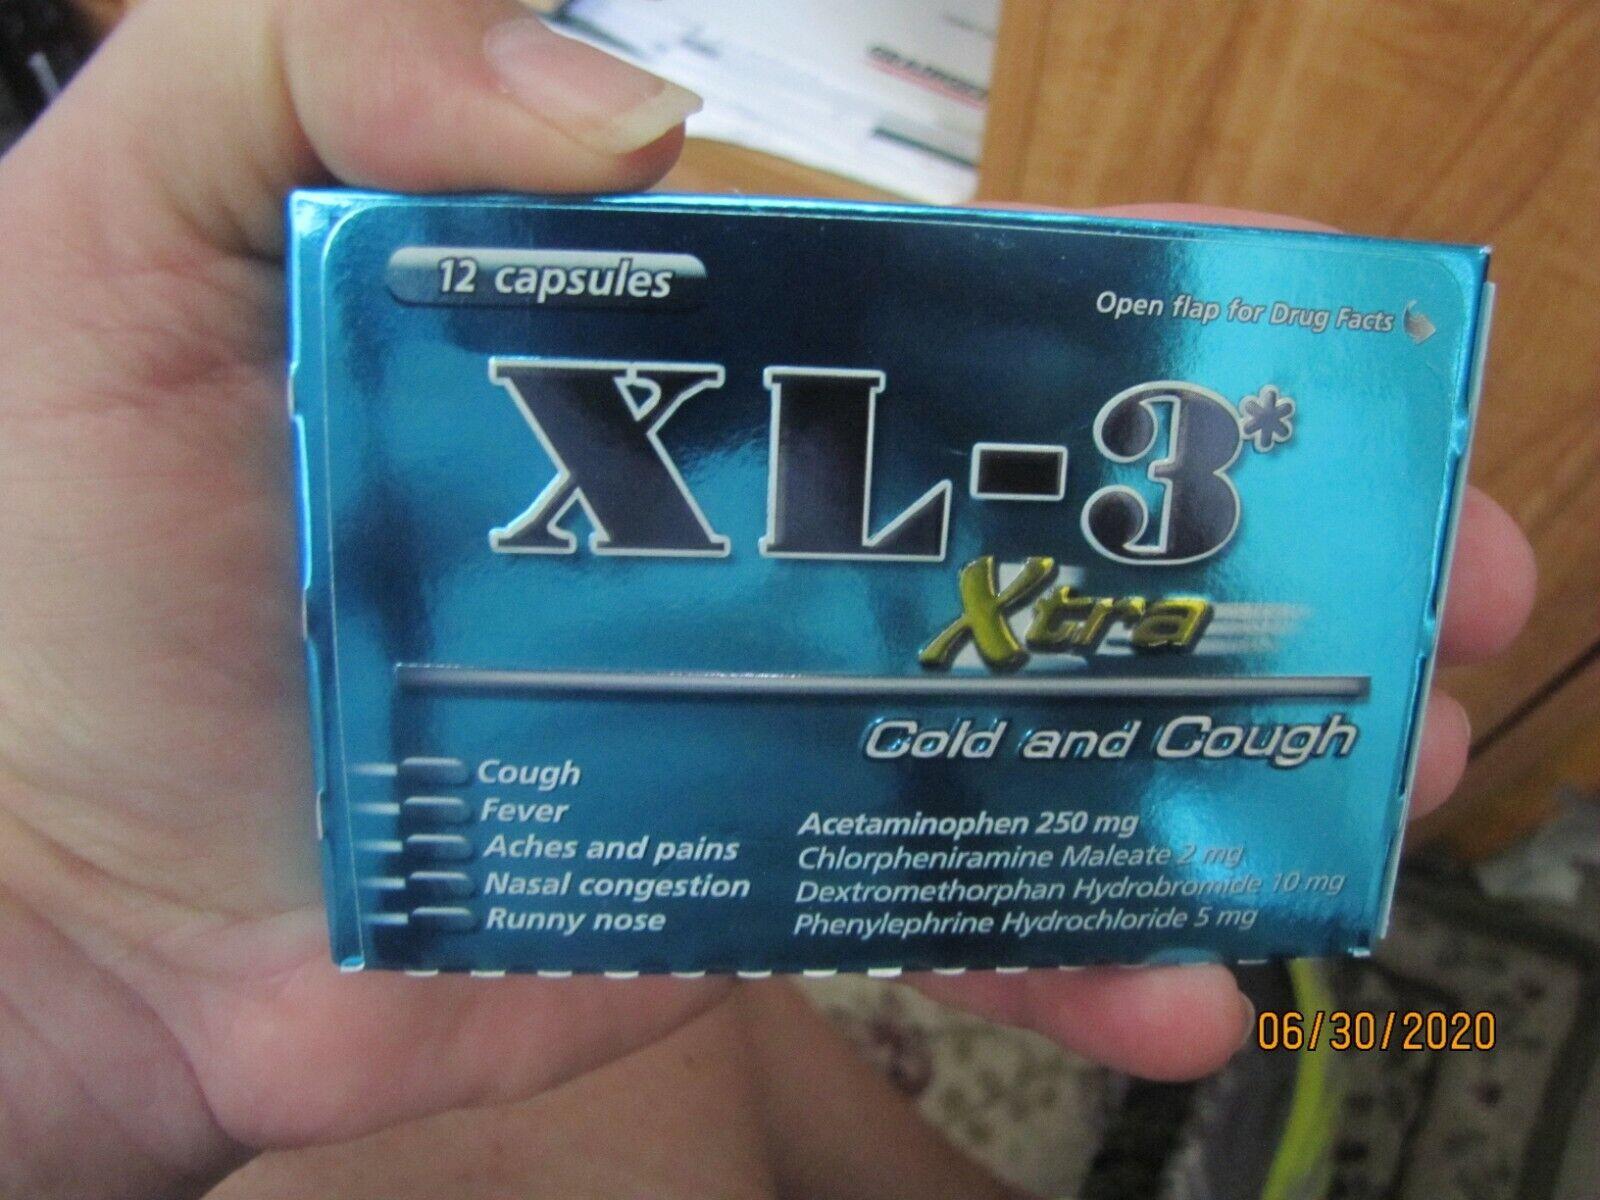 XL3 Xtra Cold & Cough 12 Capsules - Pastillas Para La Tos Y